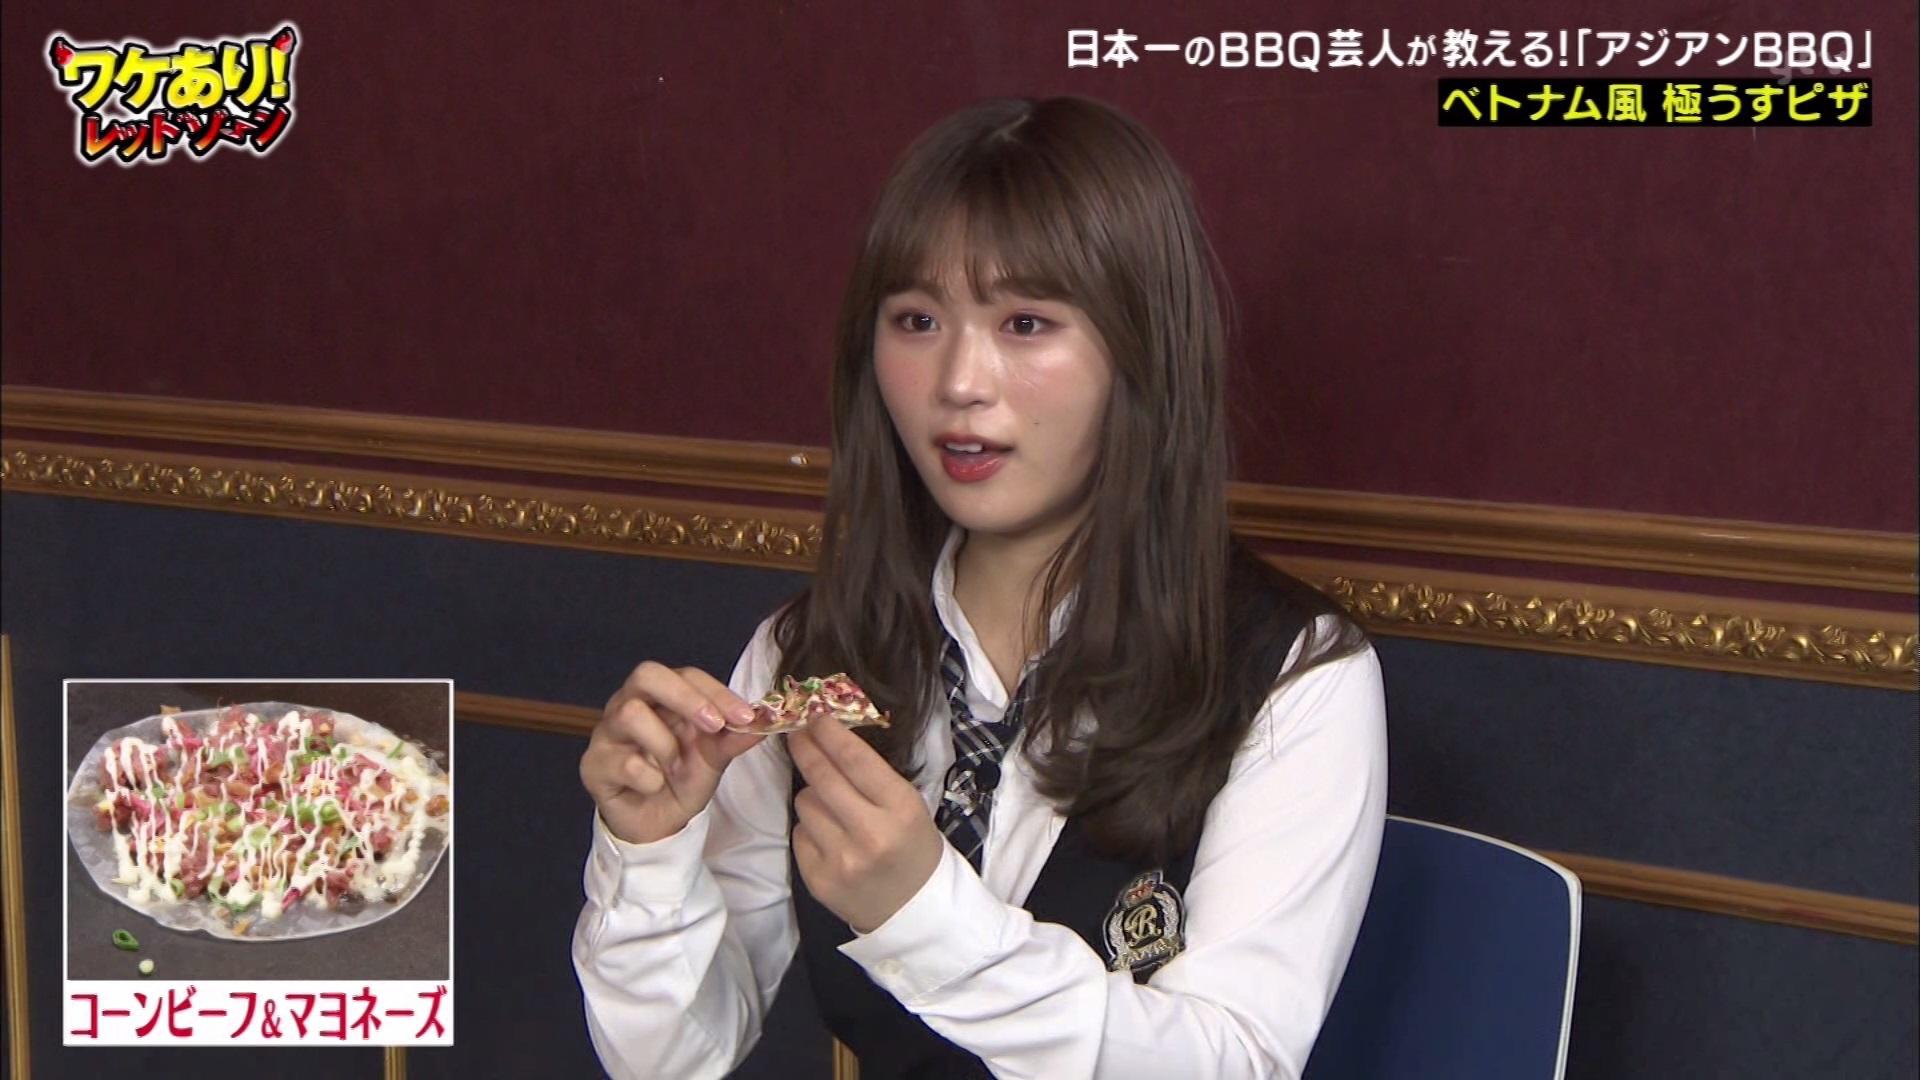 【渋谷凪咲】なぎさ出演 7月11日放送「ワケあり!レッドゾーン」の画像。おうちBBQゾーン後編